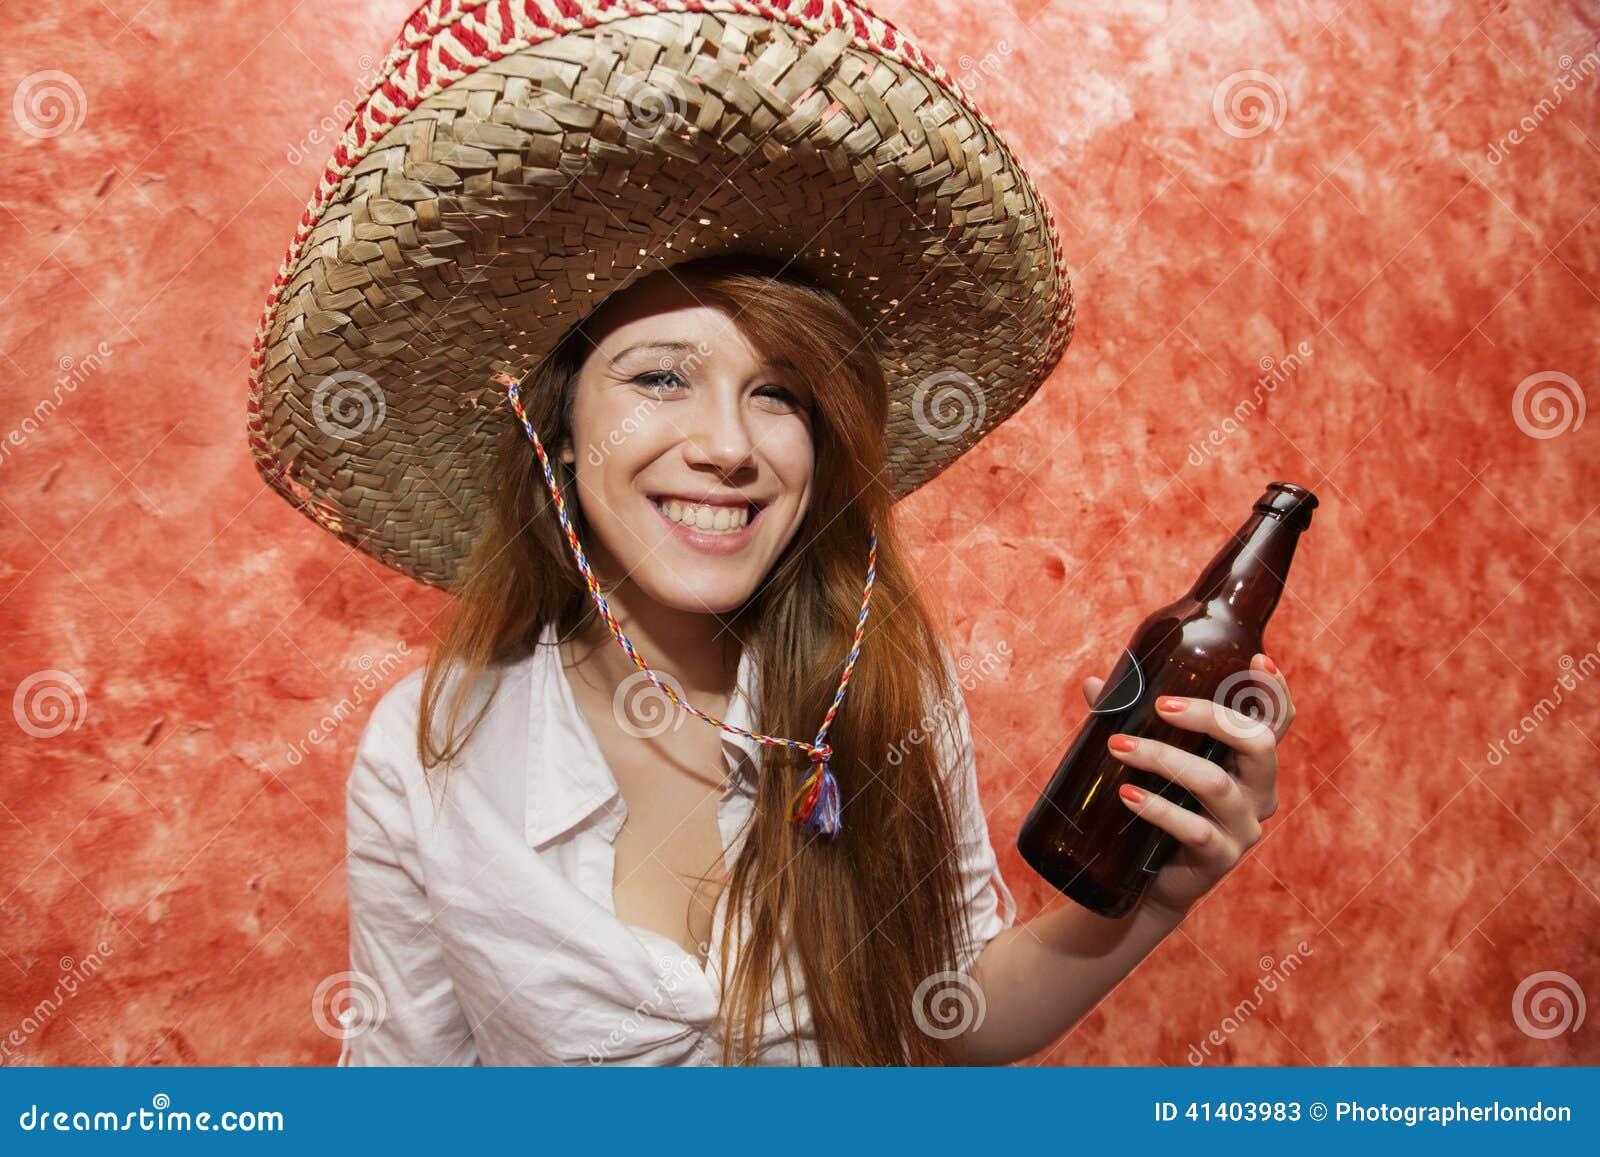 Weißes Mädchen aus einem mexikanischen Mann